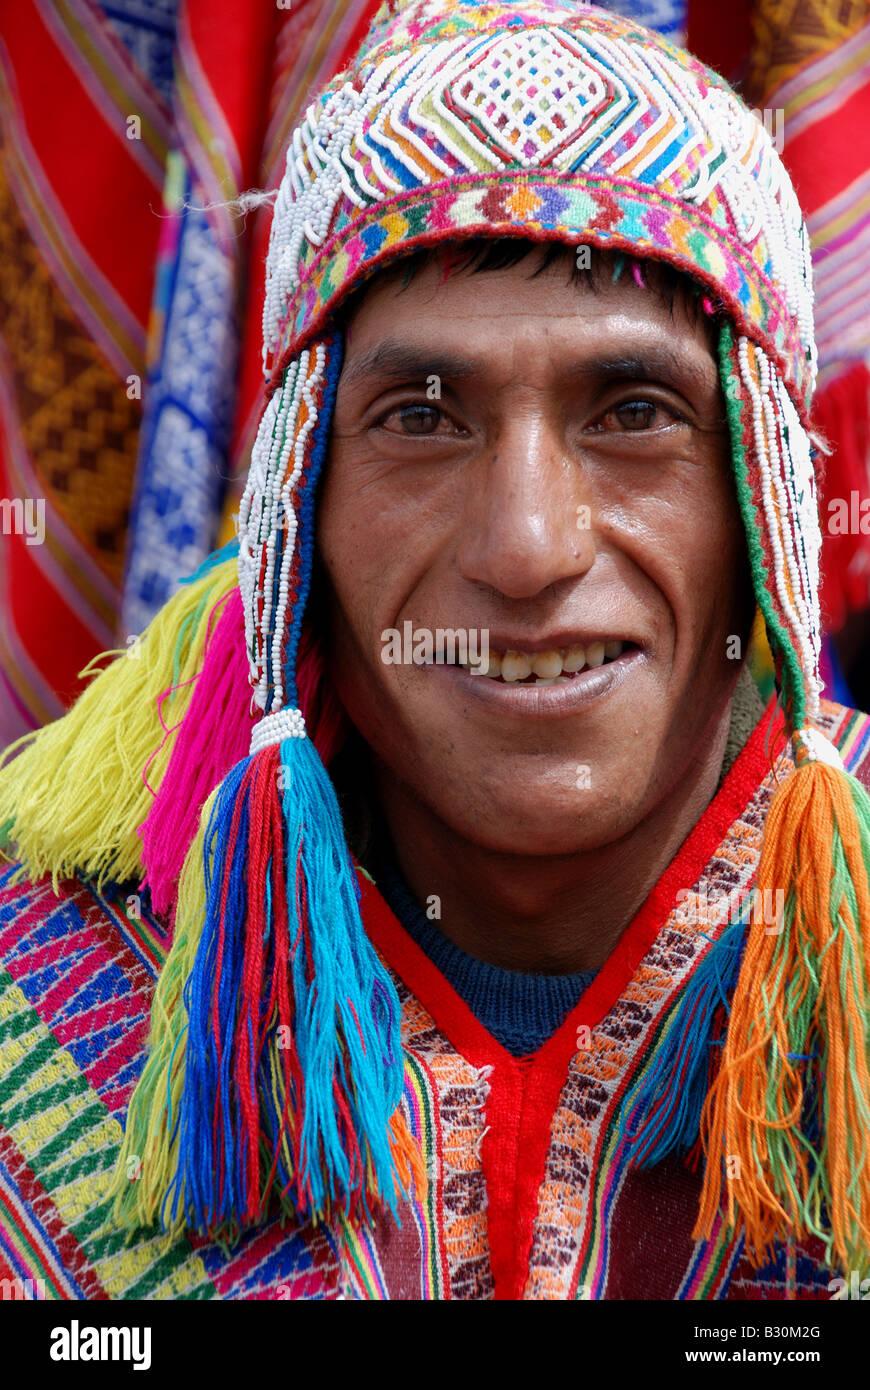 Peruvian picture 11